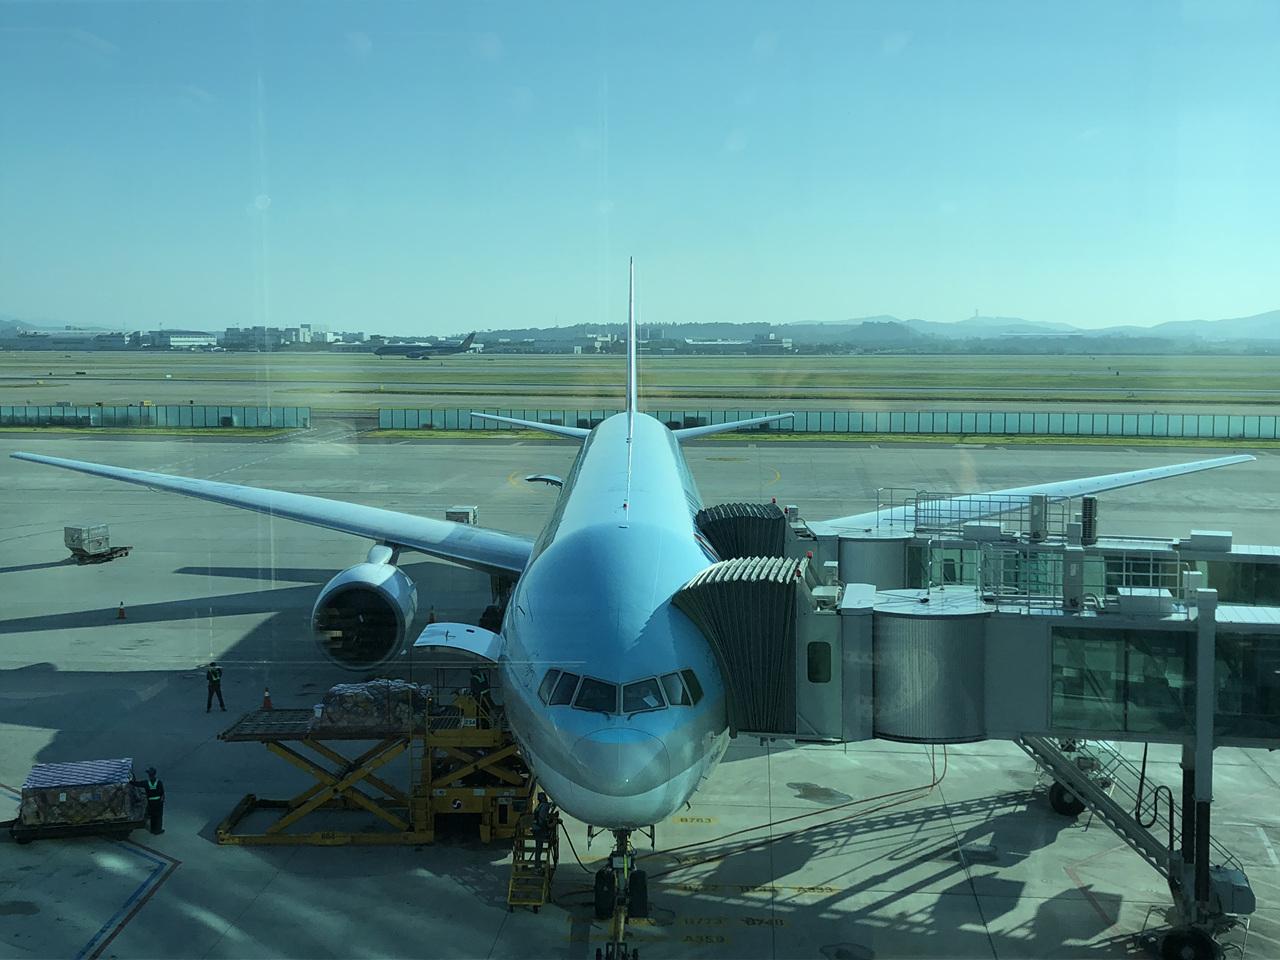 대한항공 여객기 인천에서 심양으로 가는 여객을 태우기 대기 중인 비행기